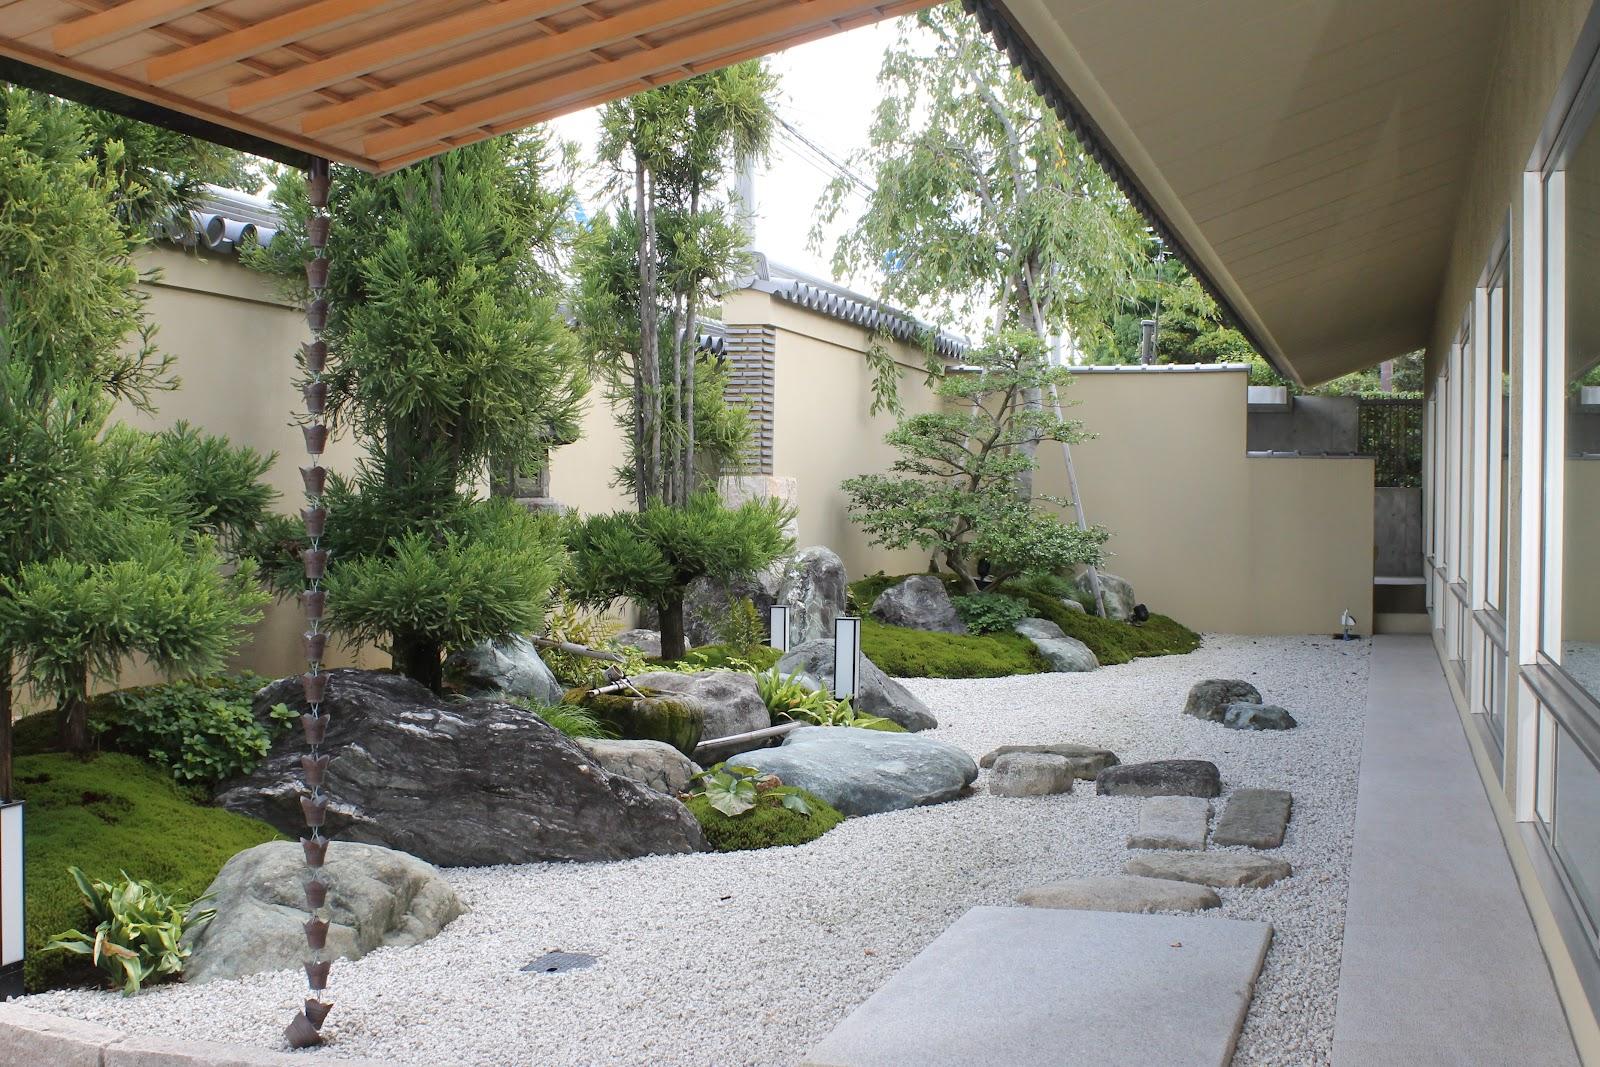 mon semestre d 39 change nagoya sweet home higashiyama. Black Bedroom Furniture Sets. Home Design Ideas